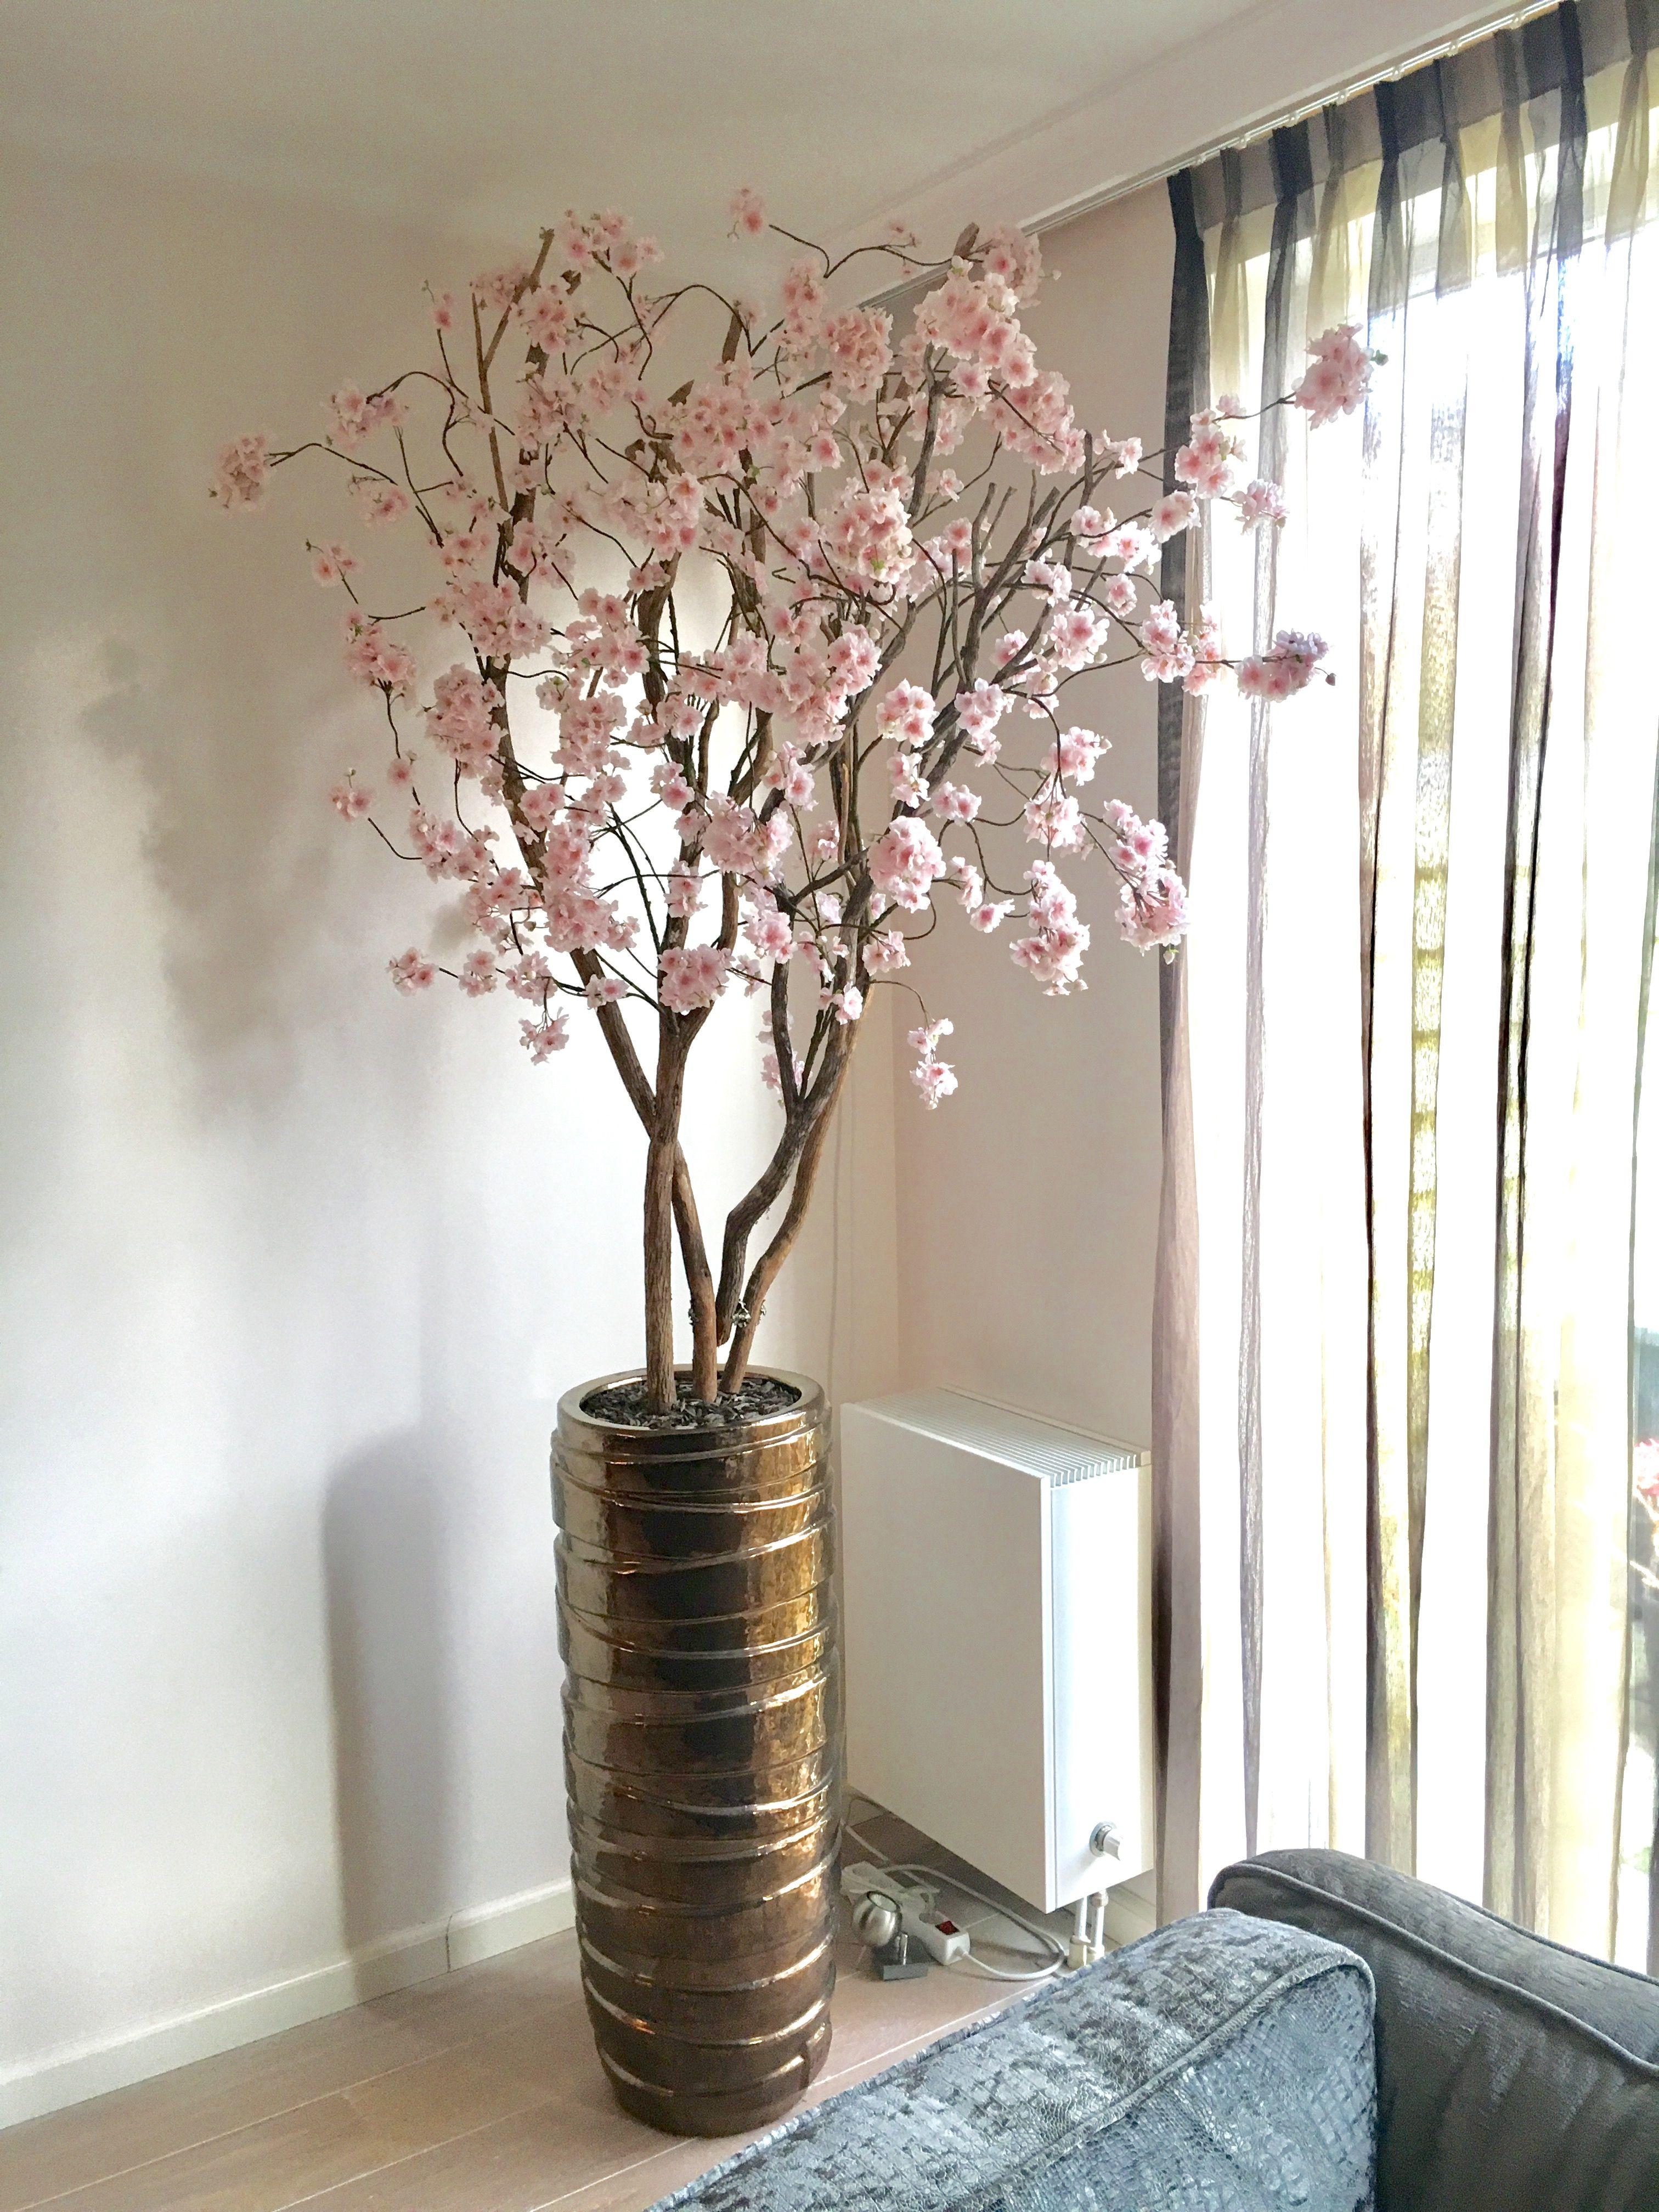 Family Tree Woonkamerplanten Huis Ideeen Decoratie Bloesembomen